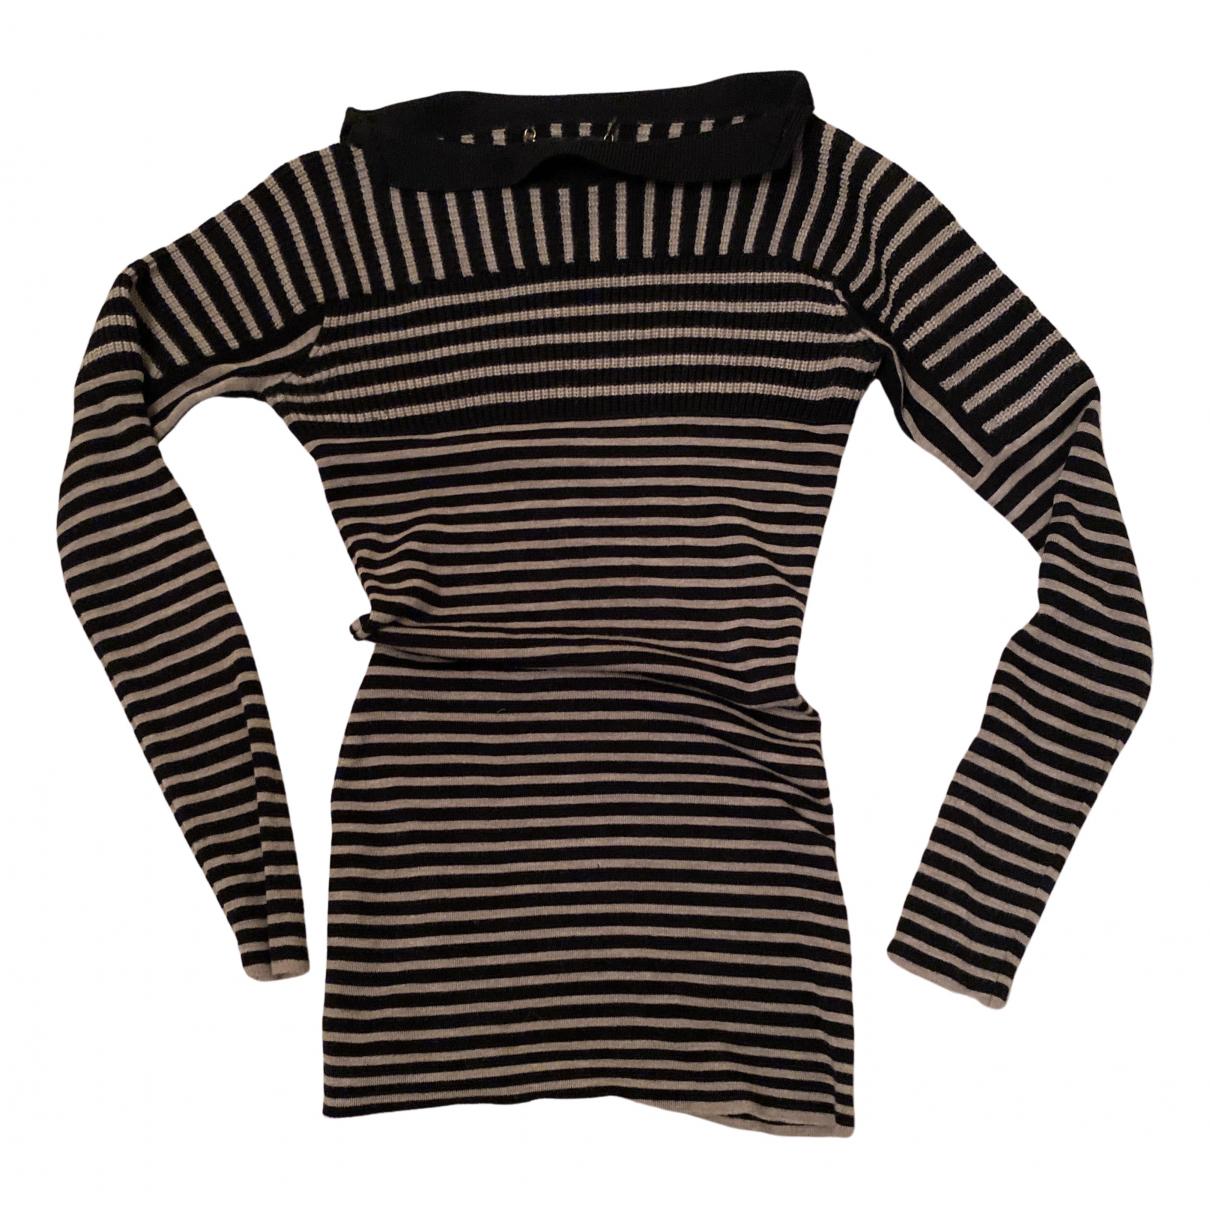 Burberry N Black Wool Knitwear for Women M International